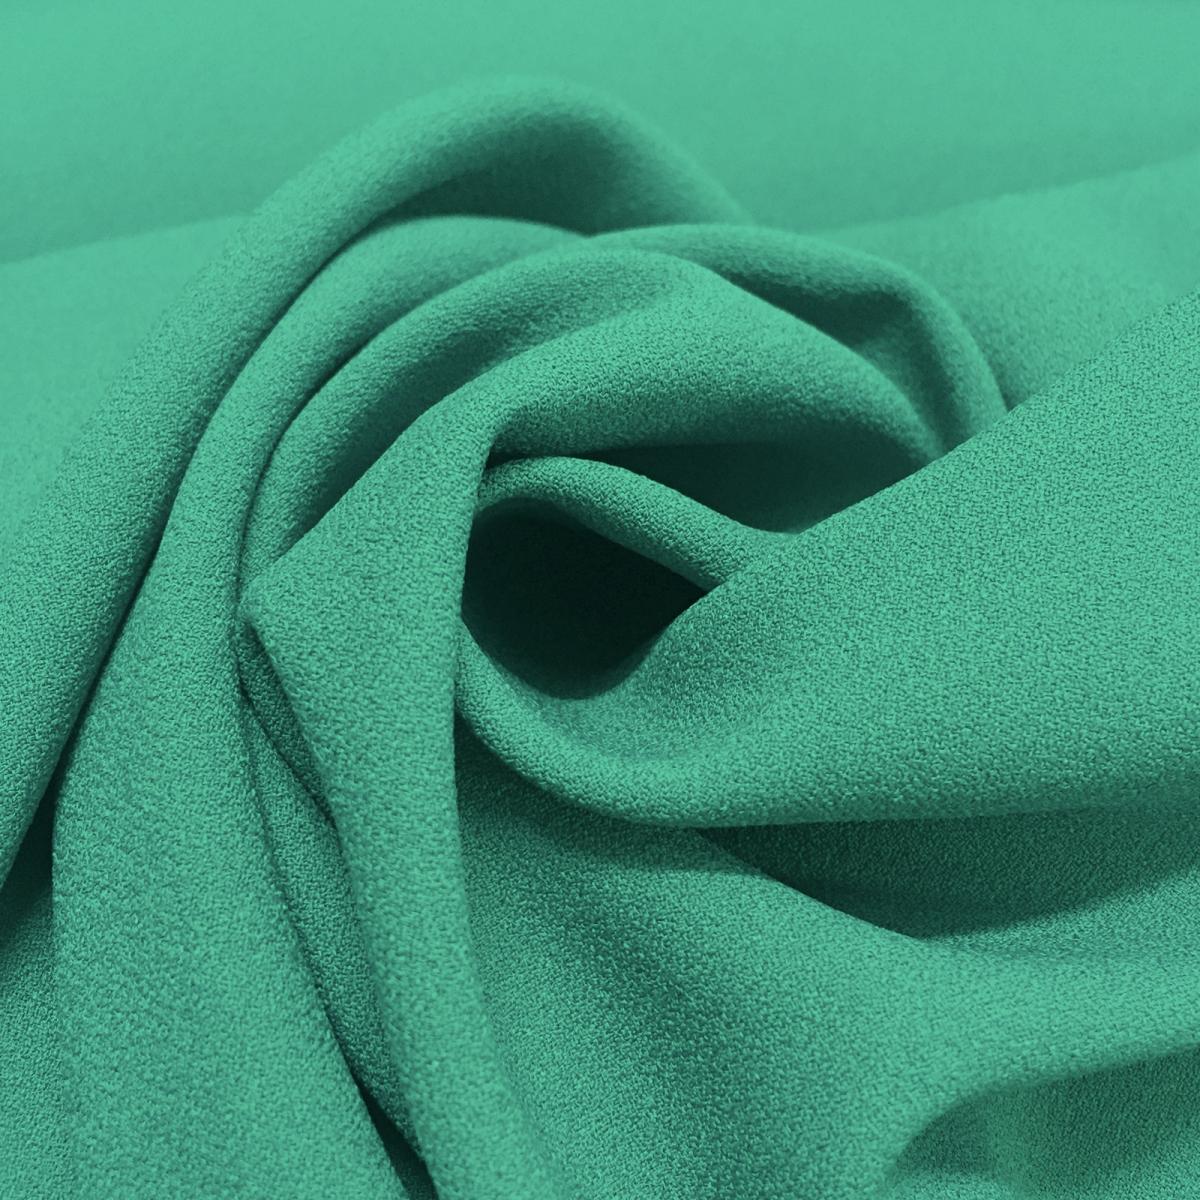 Что такое креп: характеристики и состав костюмной ткани